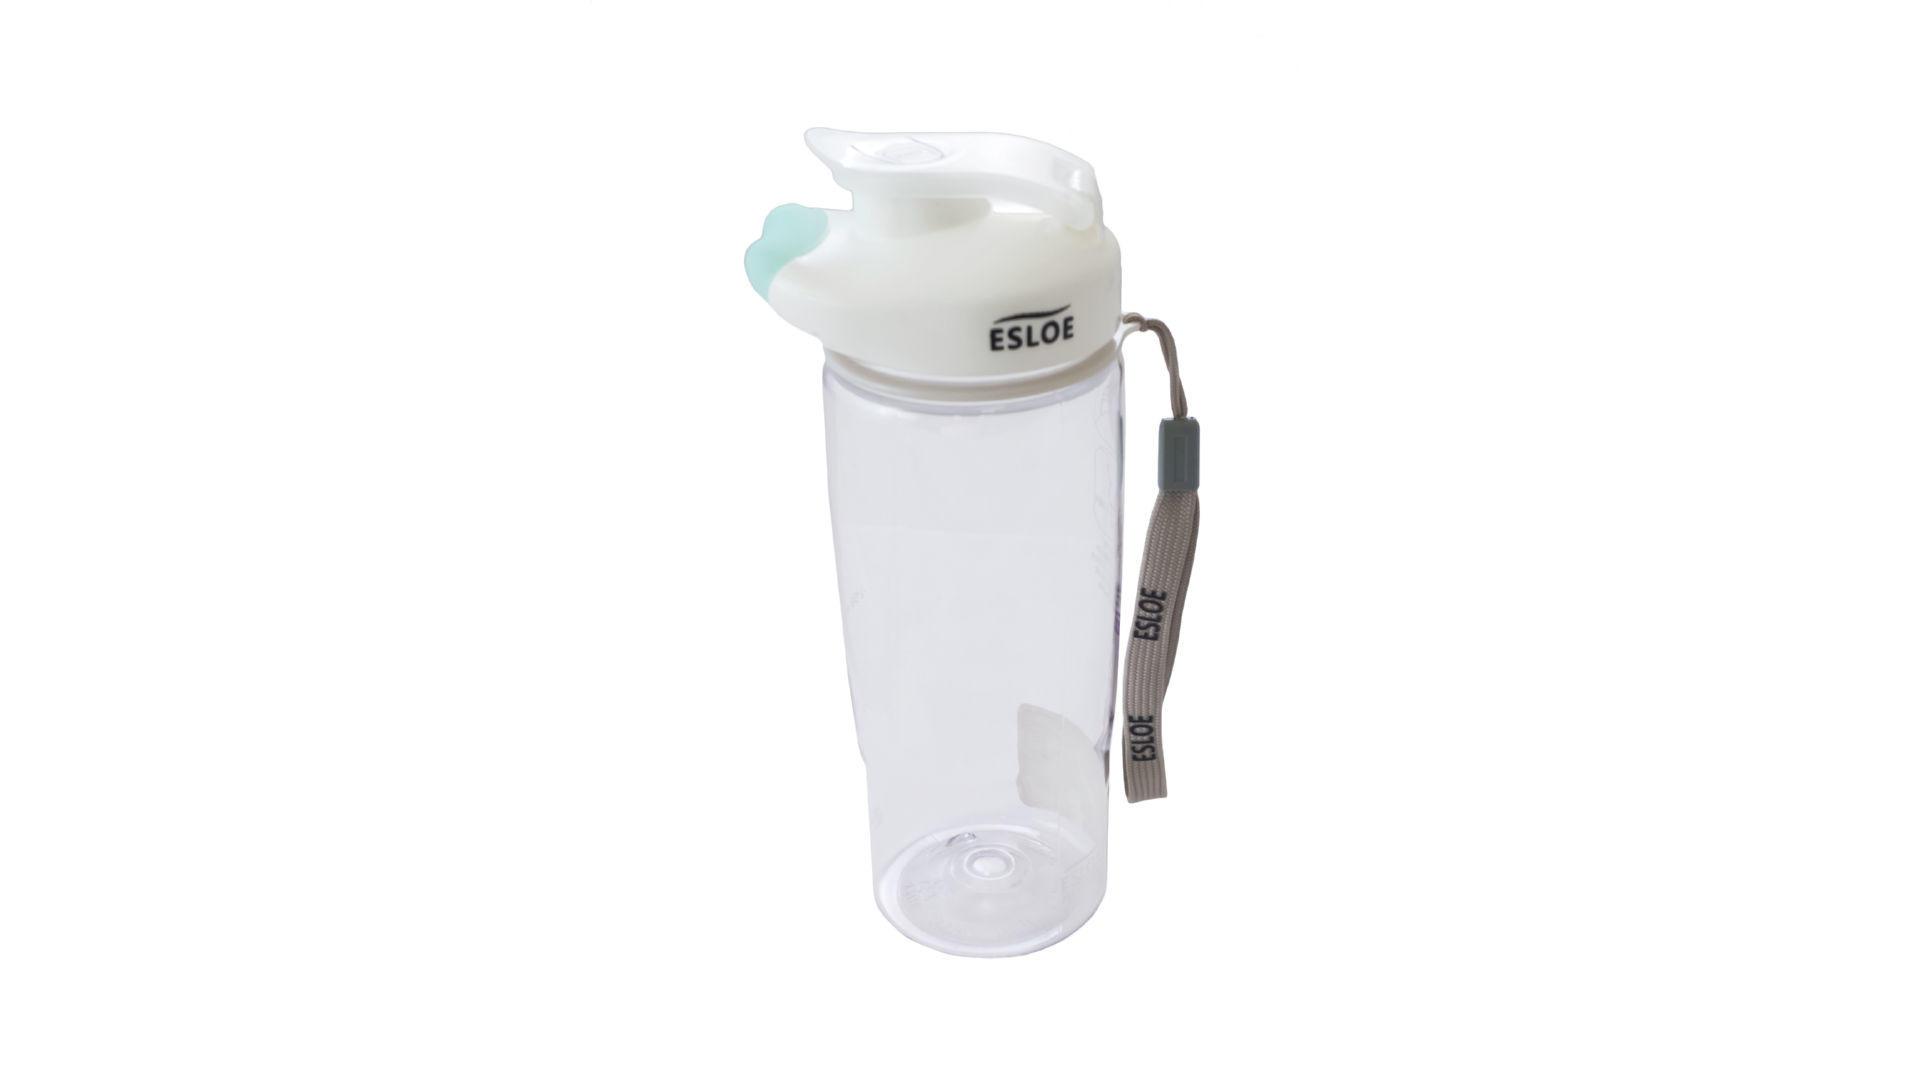 Бутылка для воды Elite - 500 мл Esloe 4